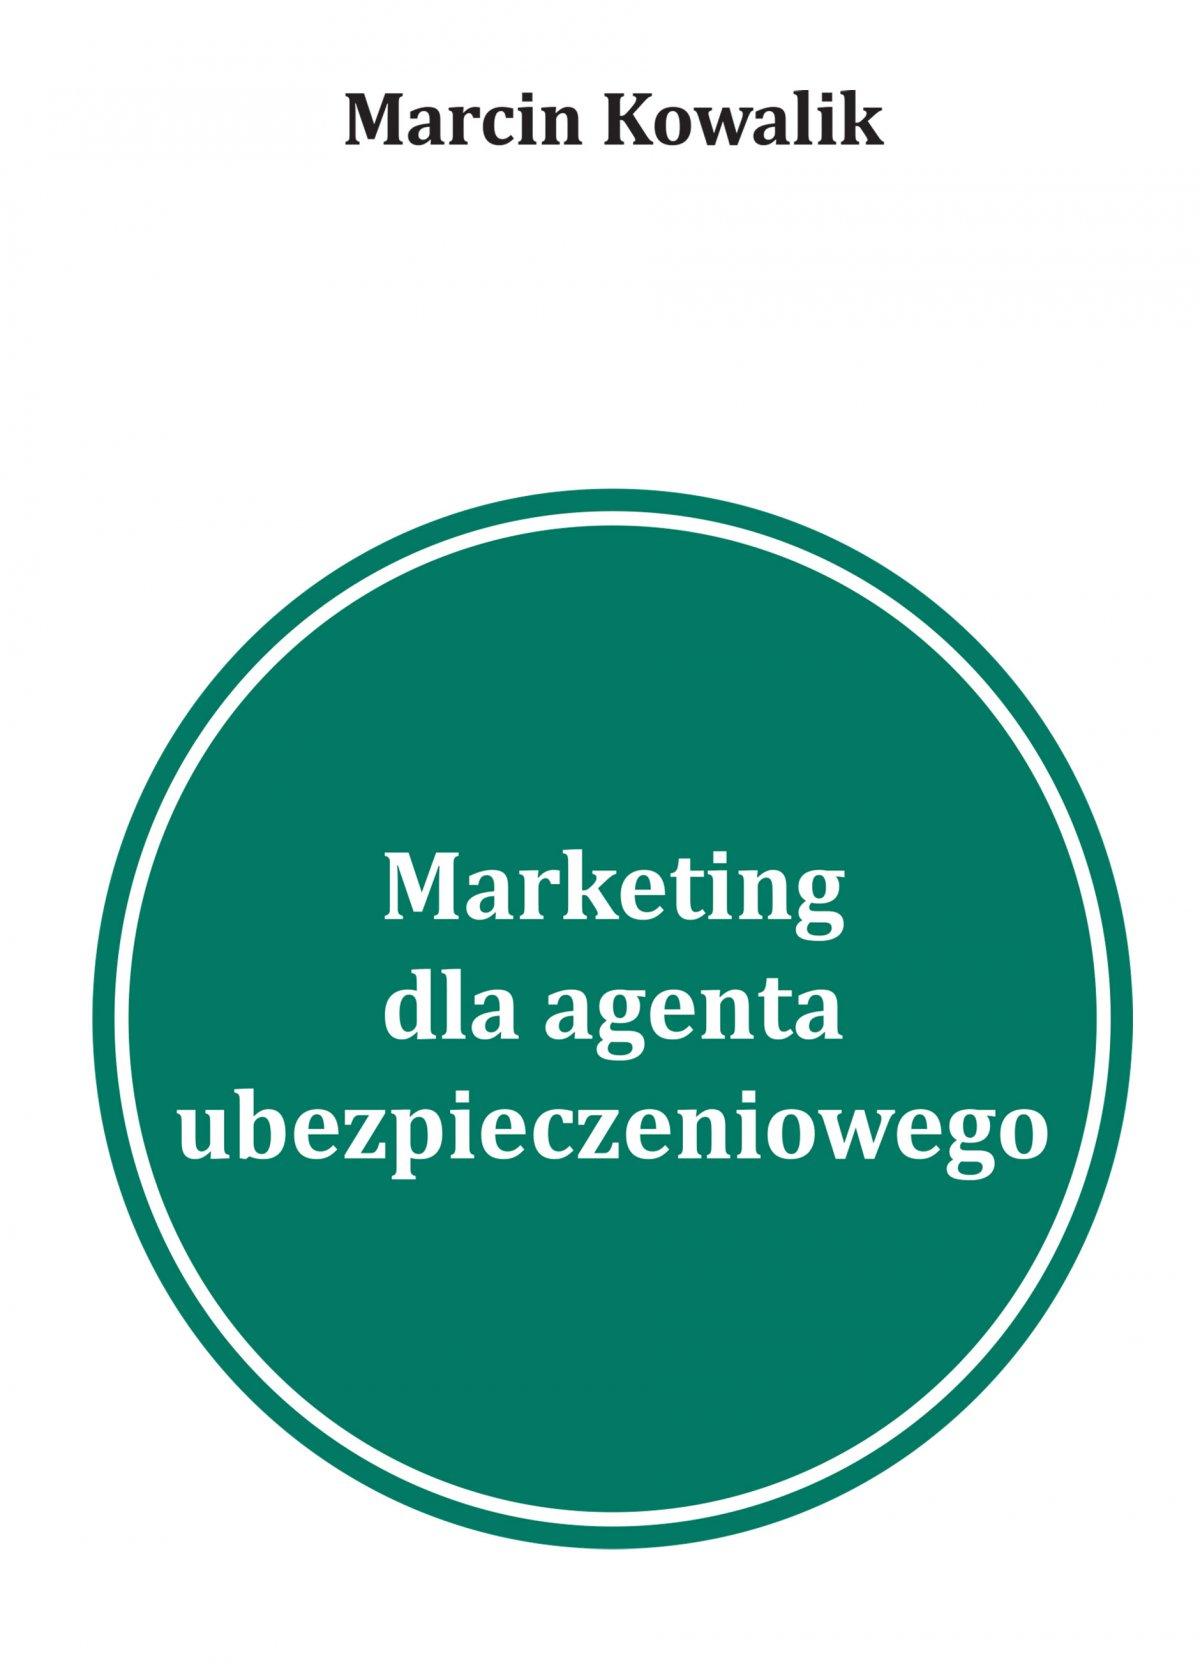 5 inspiracji na marketing w wyszukiwarkach dla agentów ubezpieczeniowych - Ebook (Książka PDF) do pobrania w formacie PDF